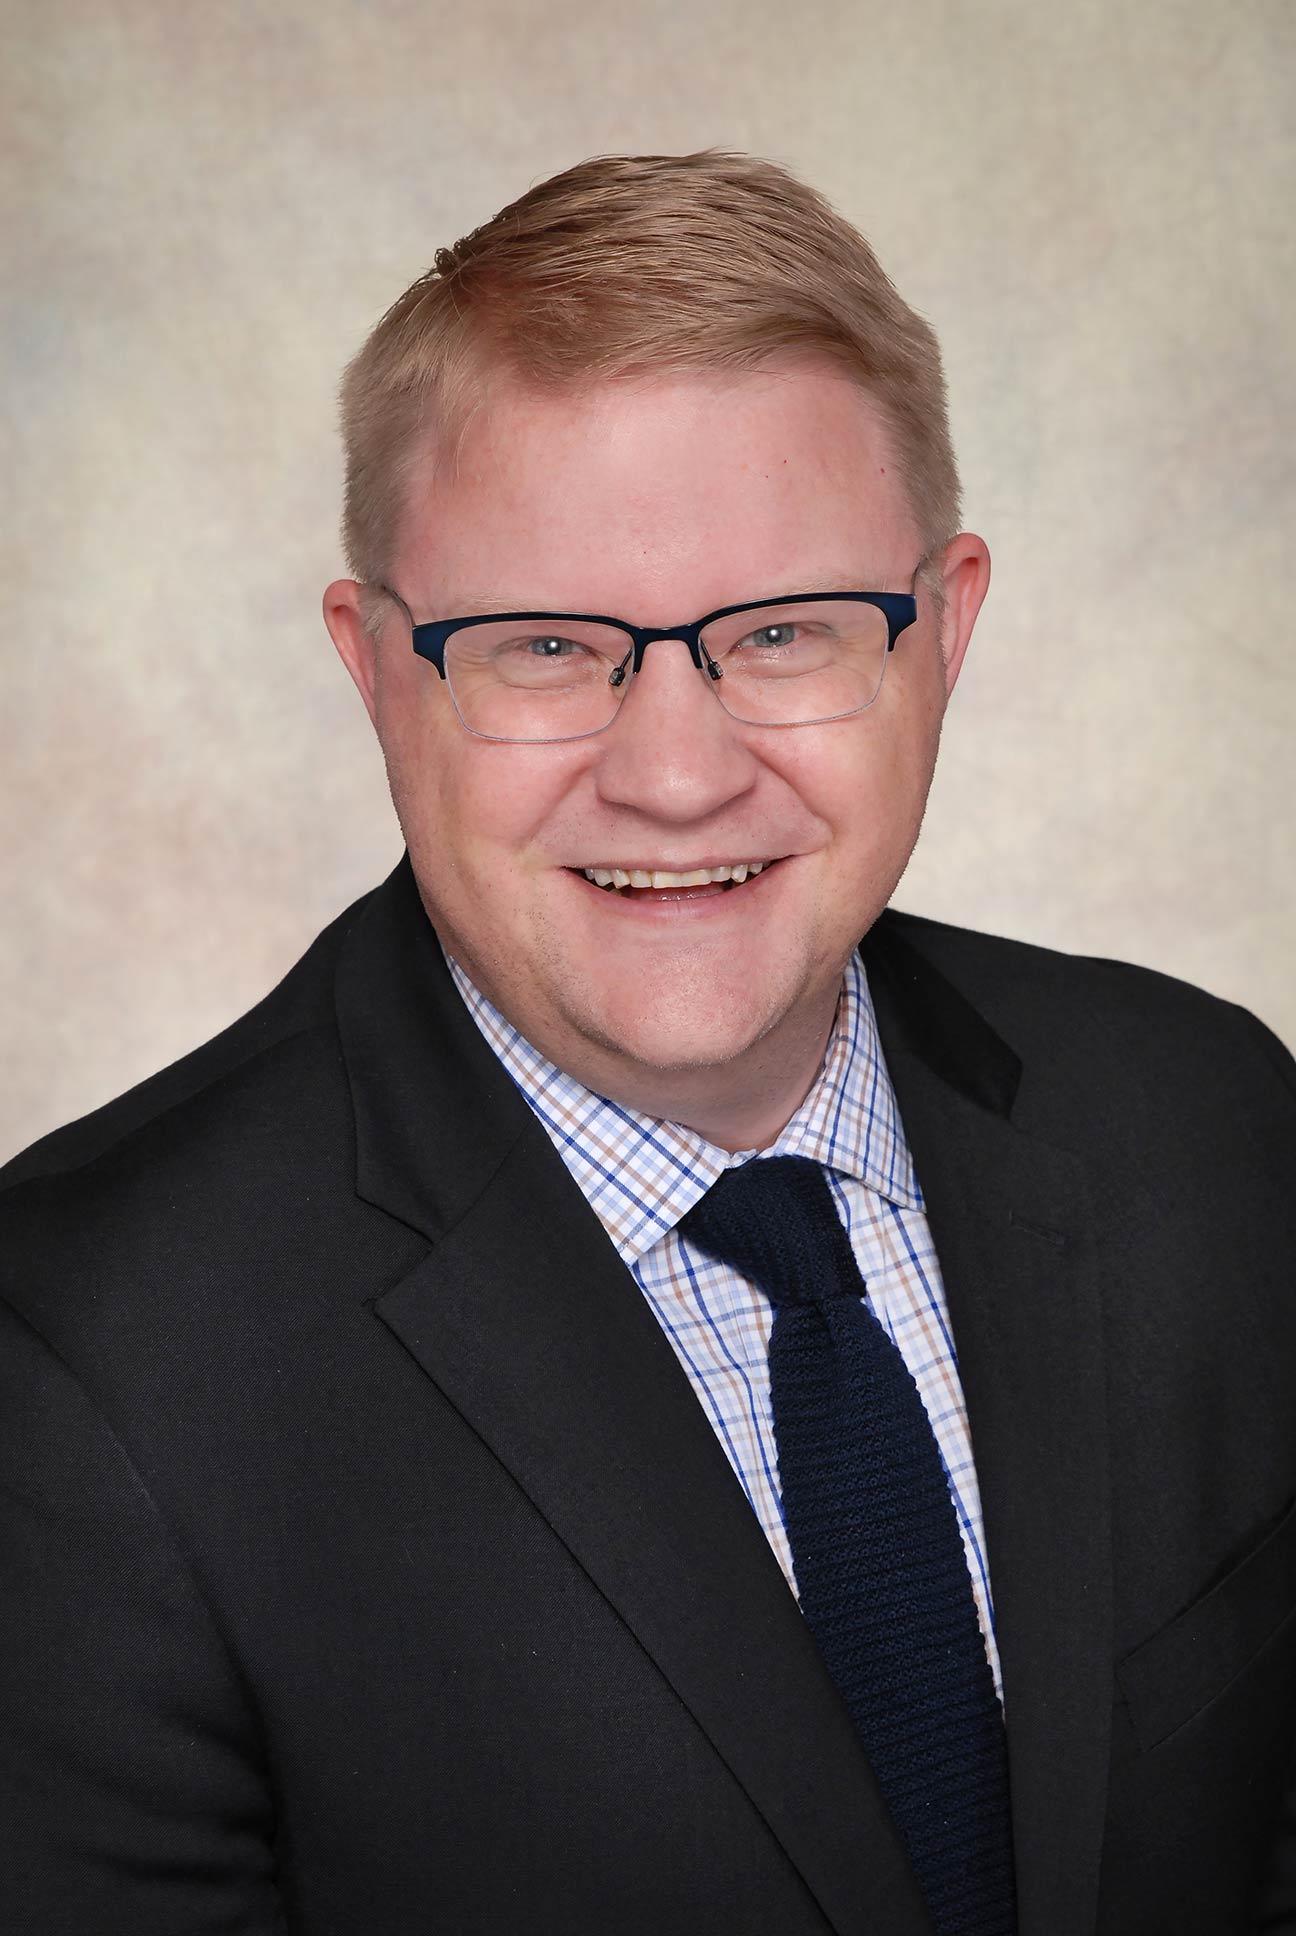 Duggan Cooley, Pinellas Community Foundation CEO